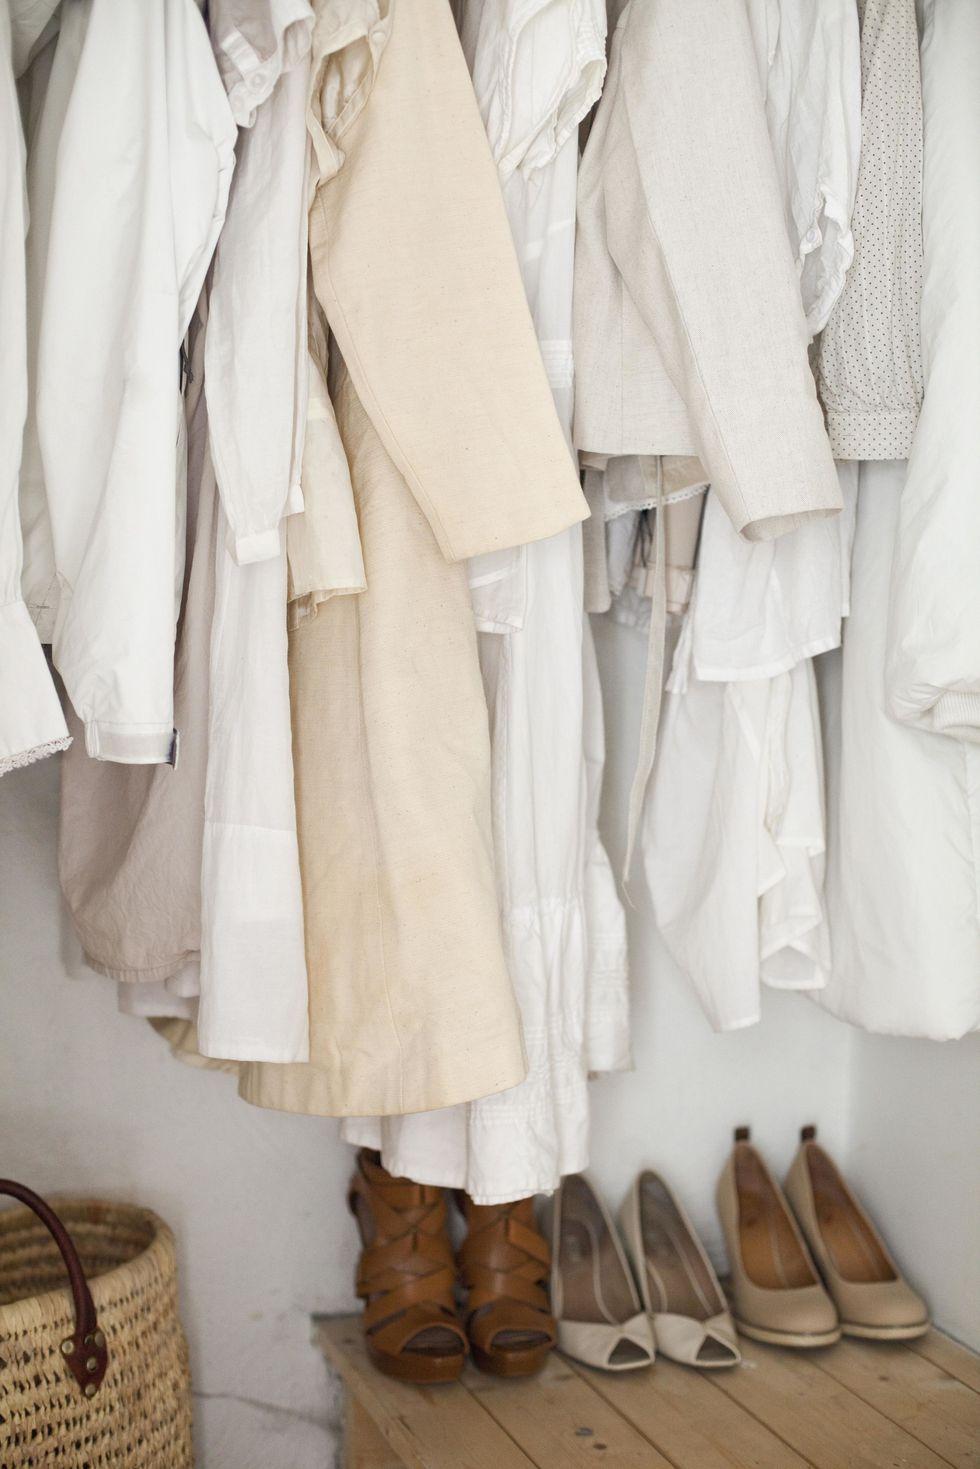 Daylight Savings Closet Declutter